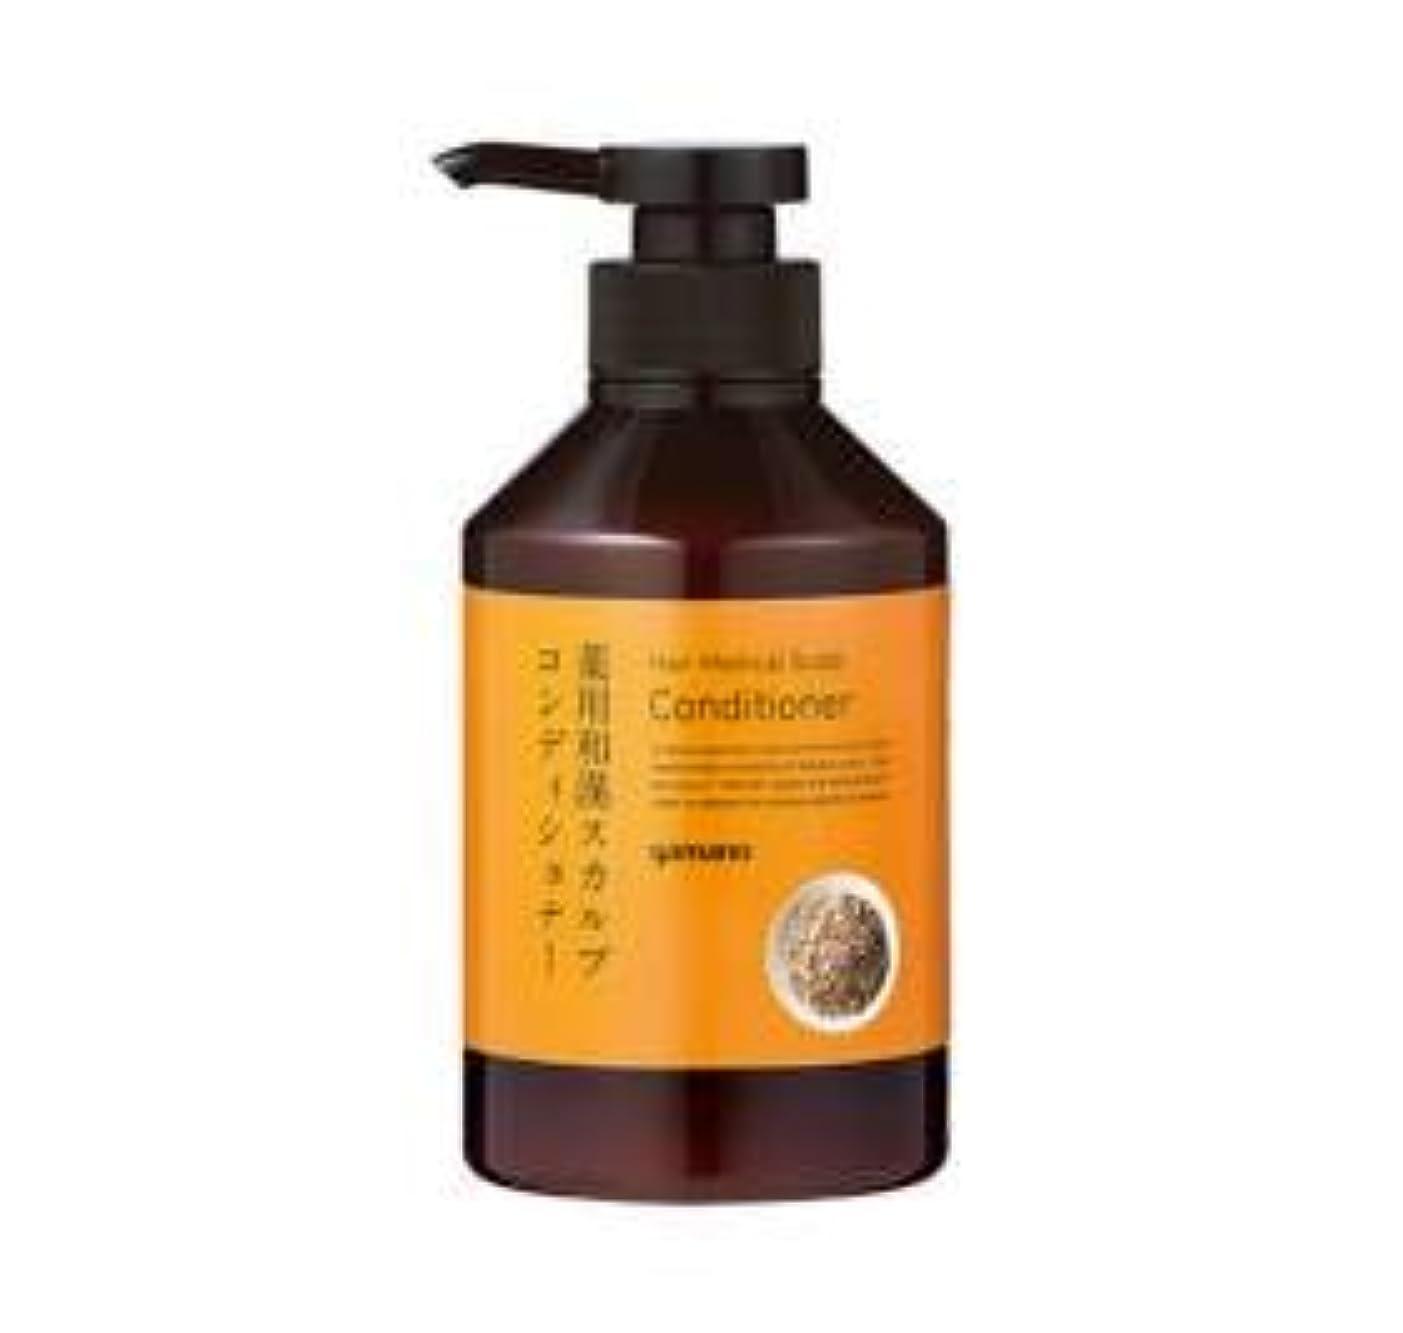 急流阻害するプールヤマノ 薬用和漢 スカルプコンディショナー (医薬部外品)(400ml)